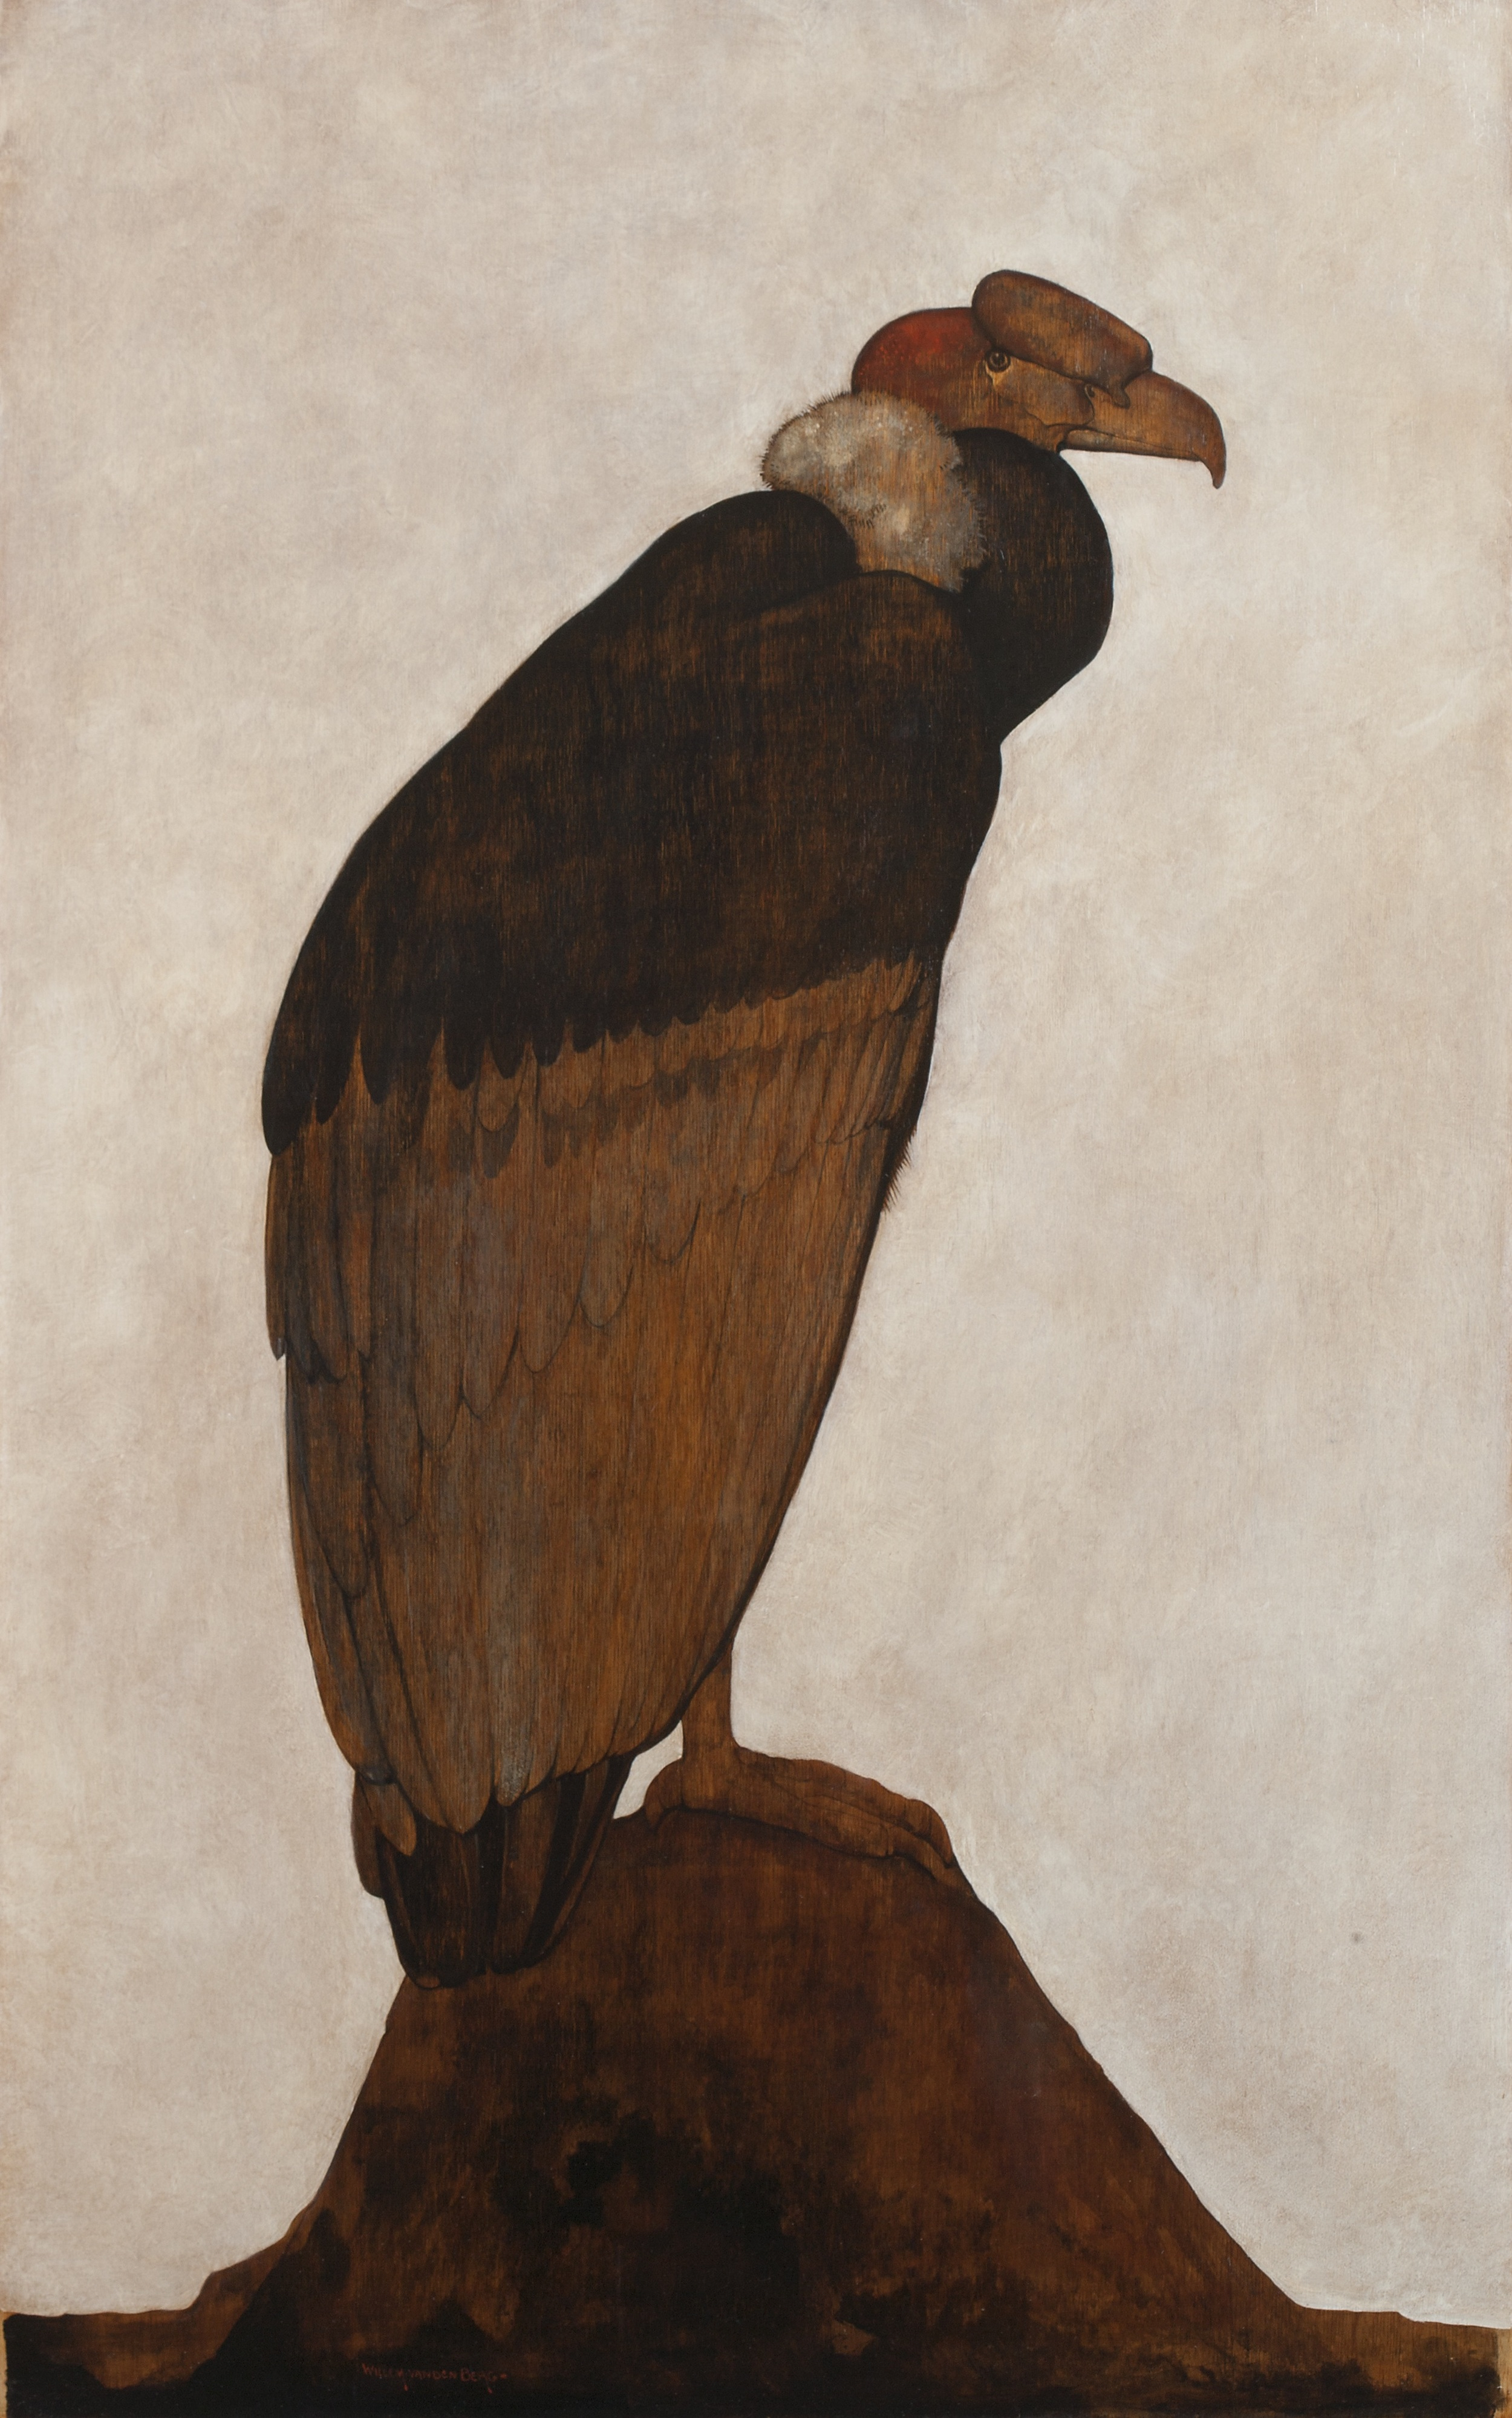 Van den Berg - Vulture V0M0272.jpg